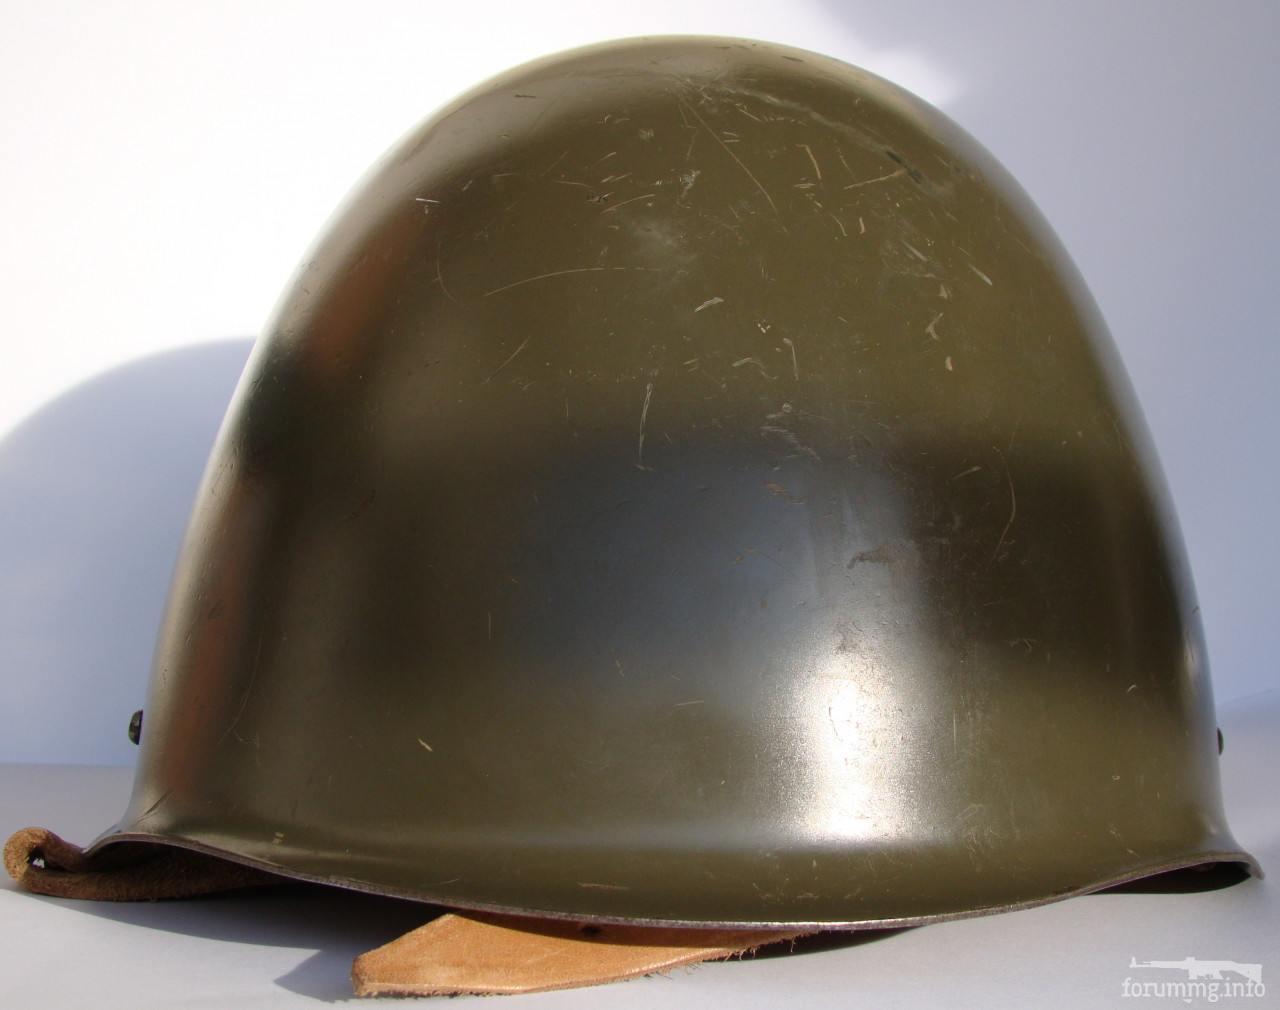 115230 - Было - стало (каски, аммуниция, униформа, предметы быта и прочее...)